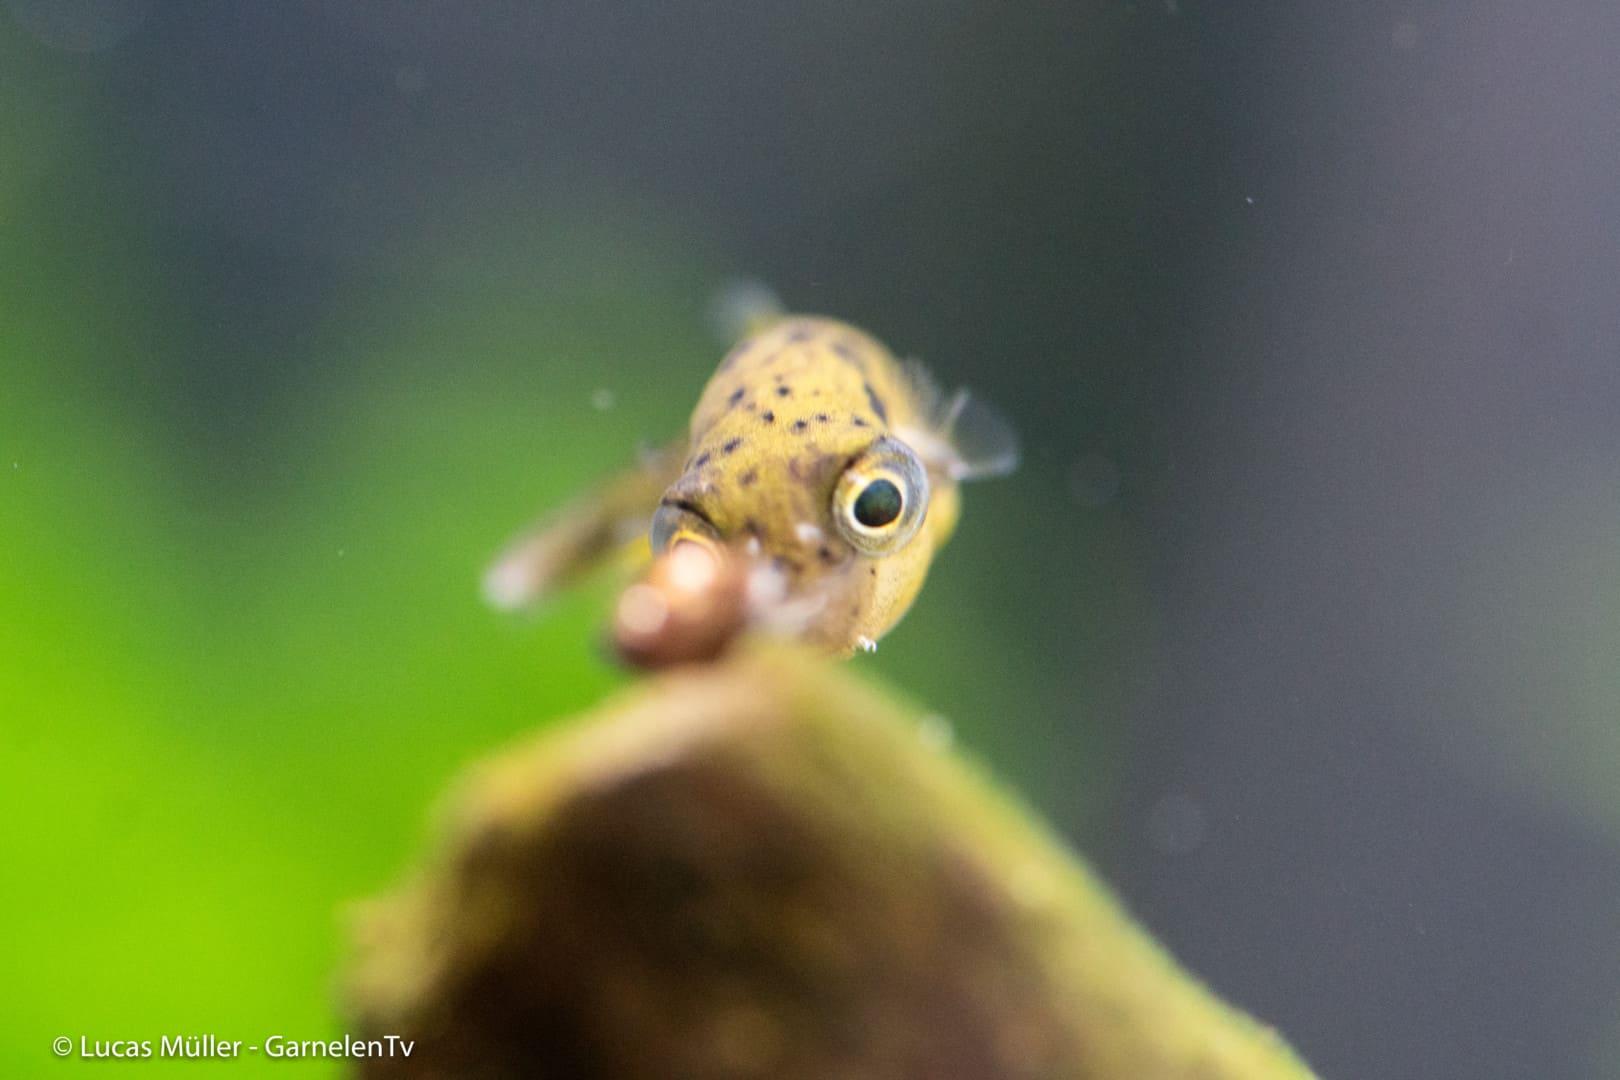 239: Der Erbsenkugelfisch – Alles über die Haltung und Pflege von Carinotetraodon travancoricus (Pascal Gräber) 5